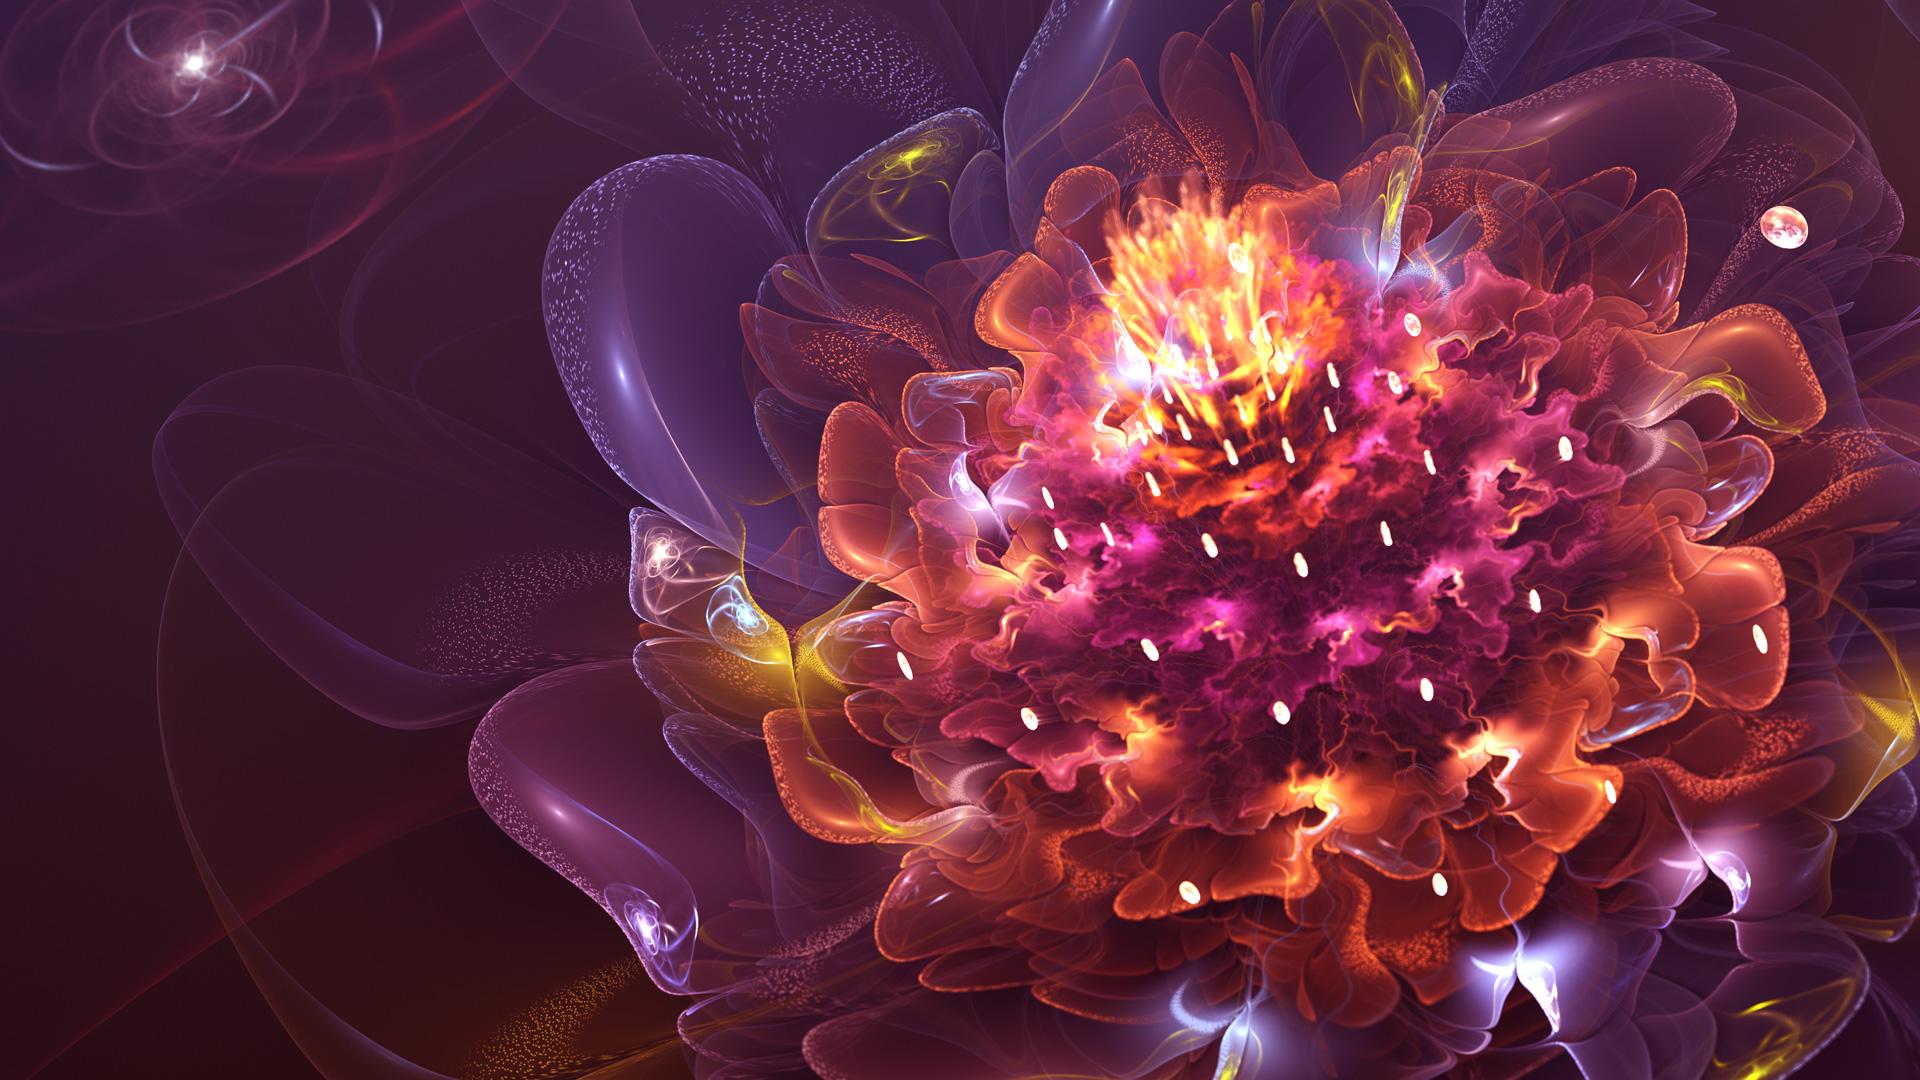 Abstract Flower 22 Hd Wallpaper